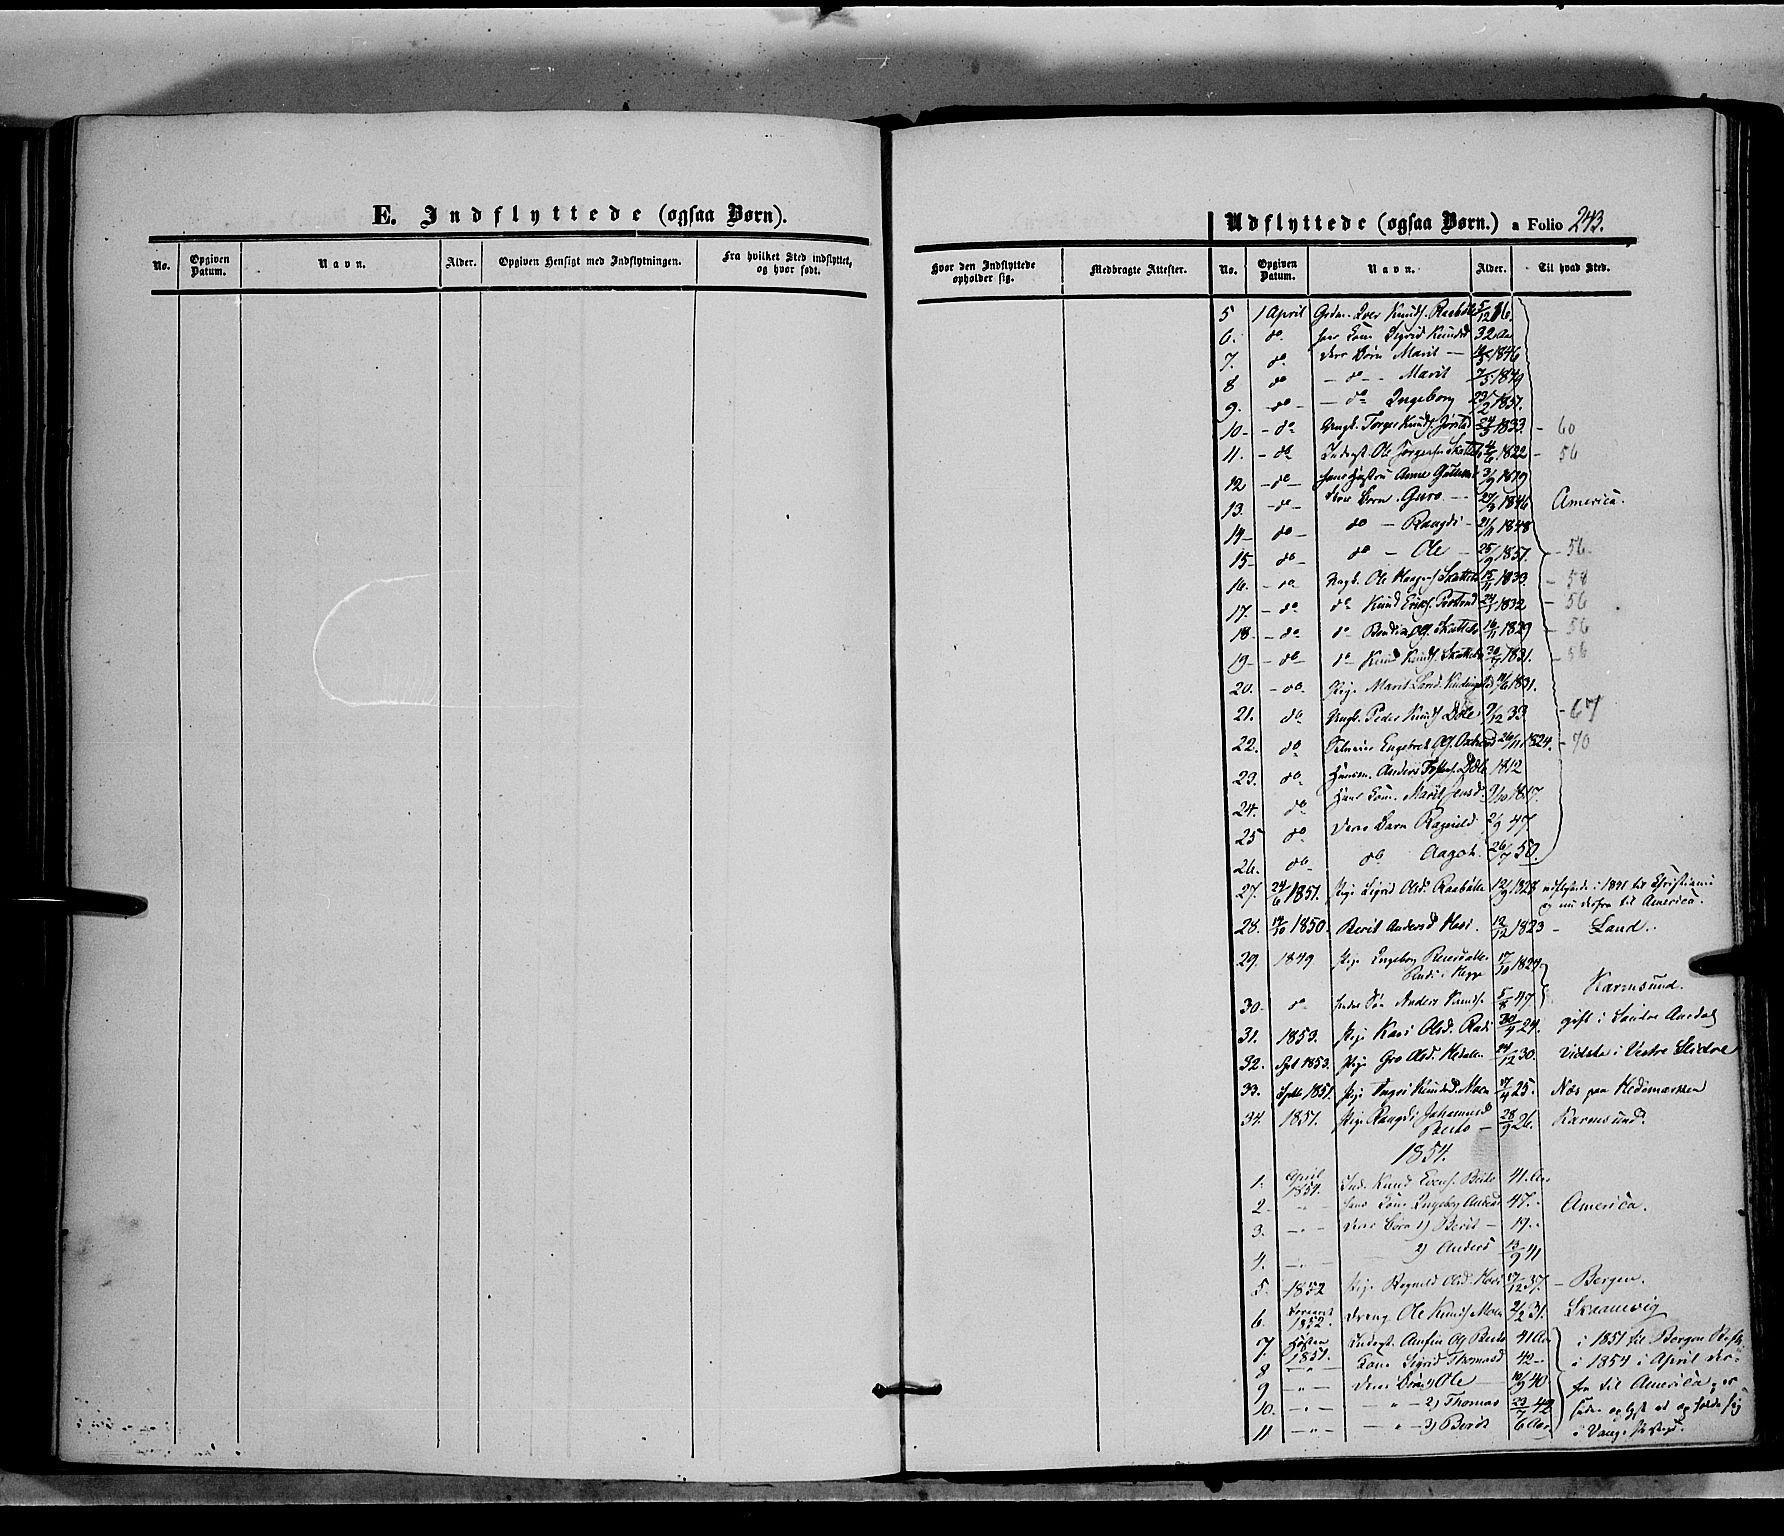 SAH, Øystre Slidre prestekontor, Ministerialbok nr. 1, 1849-1874, s. 242